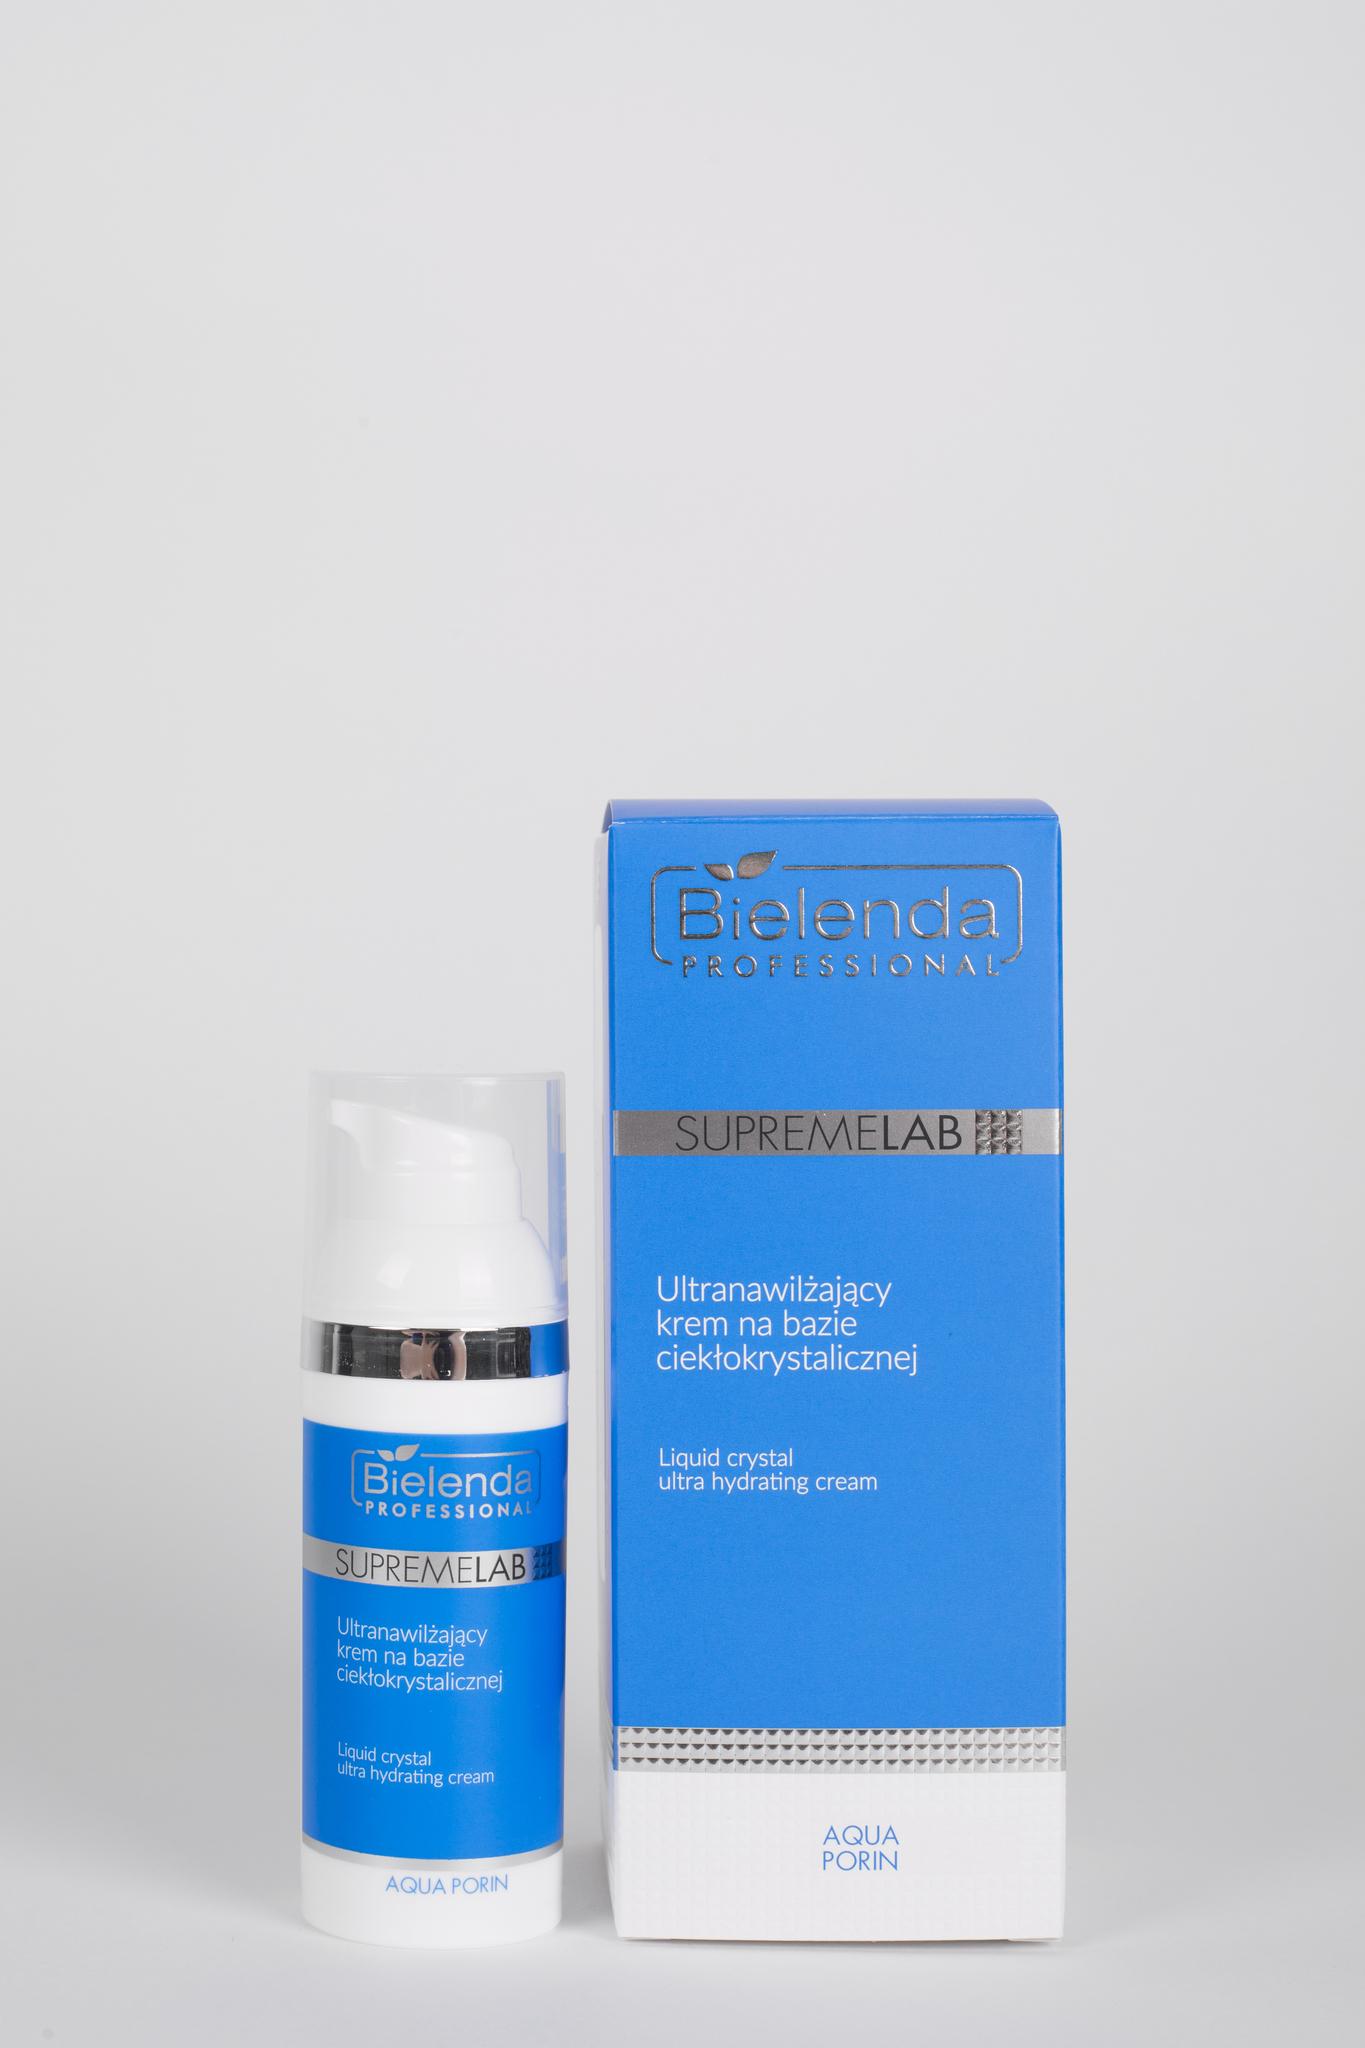 Aqua Porin увлажняющий крем для лица SPF 15, 50 мл.